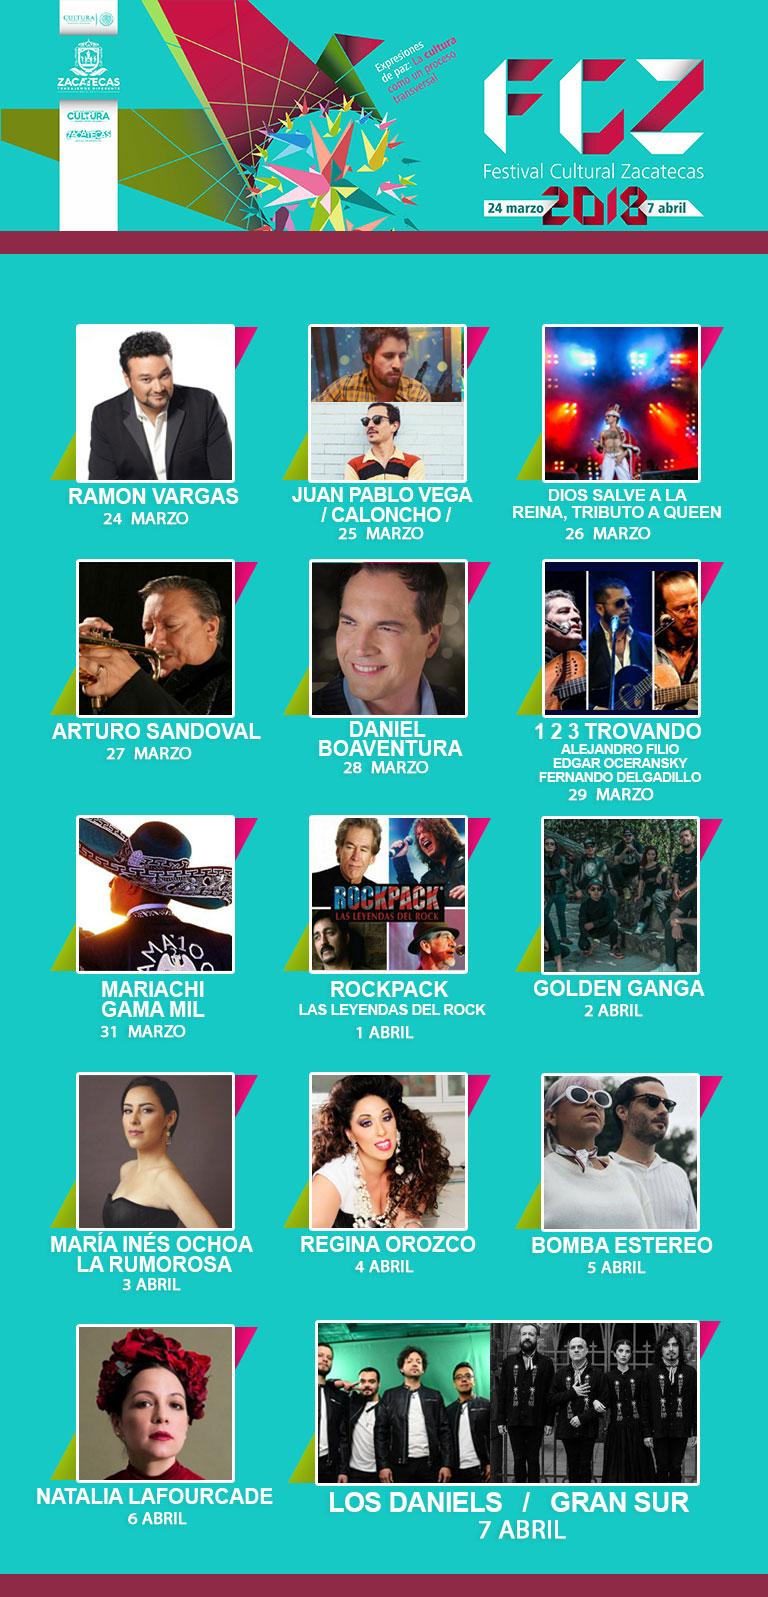 Programa y artistas del Festival Cultural Zacatecas 2018